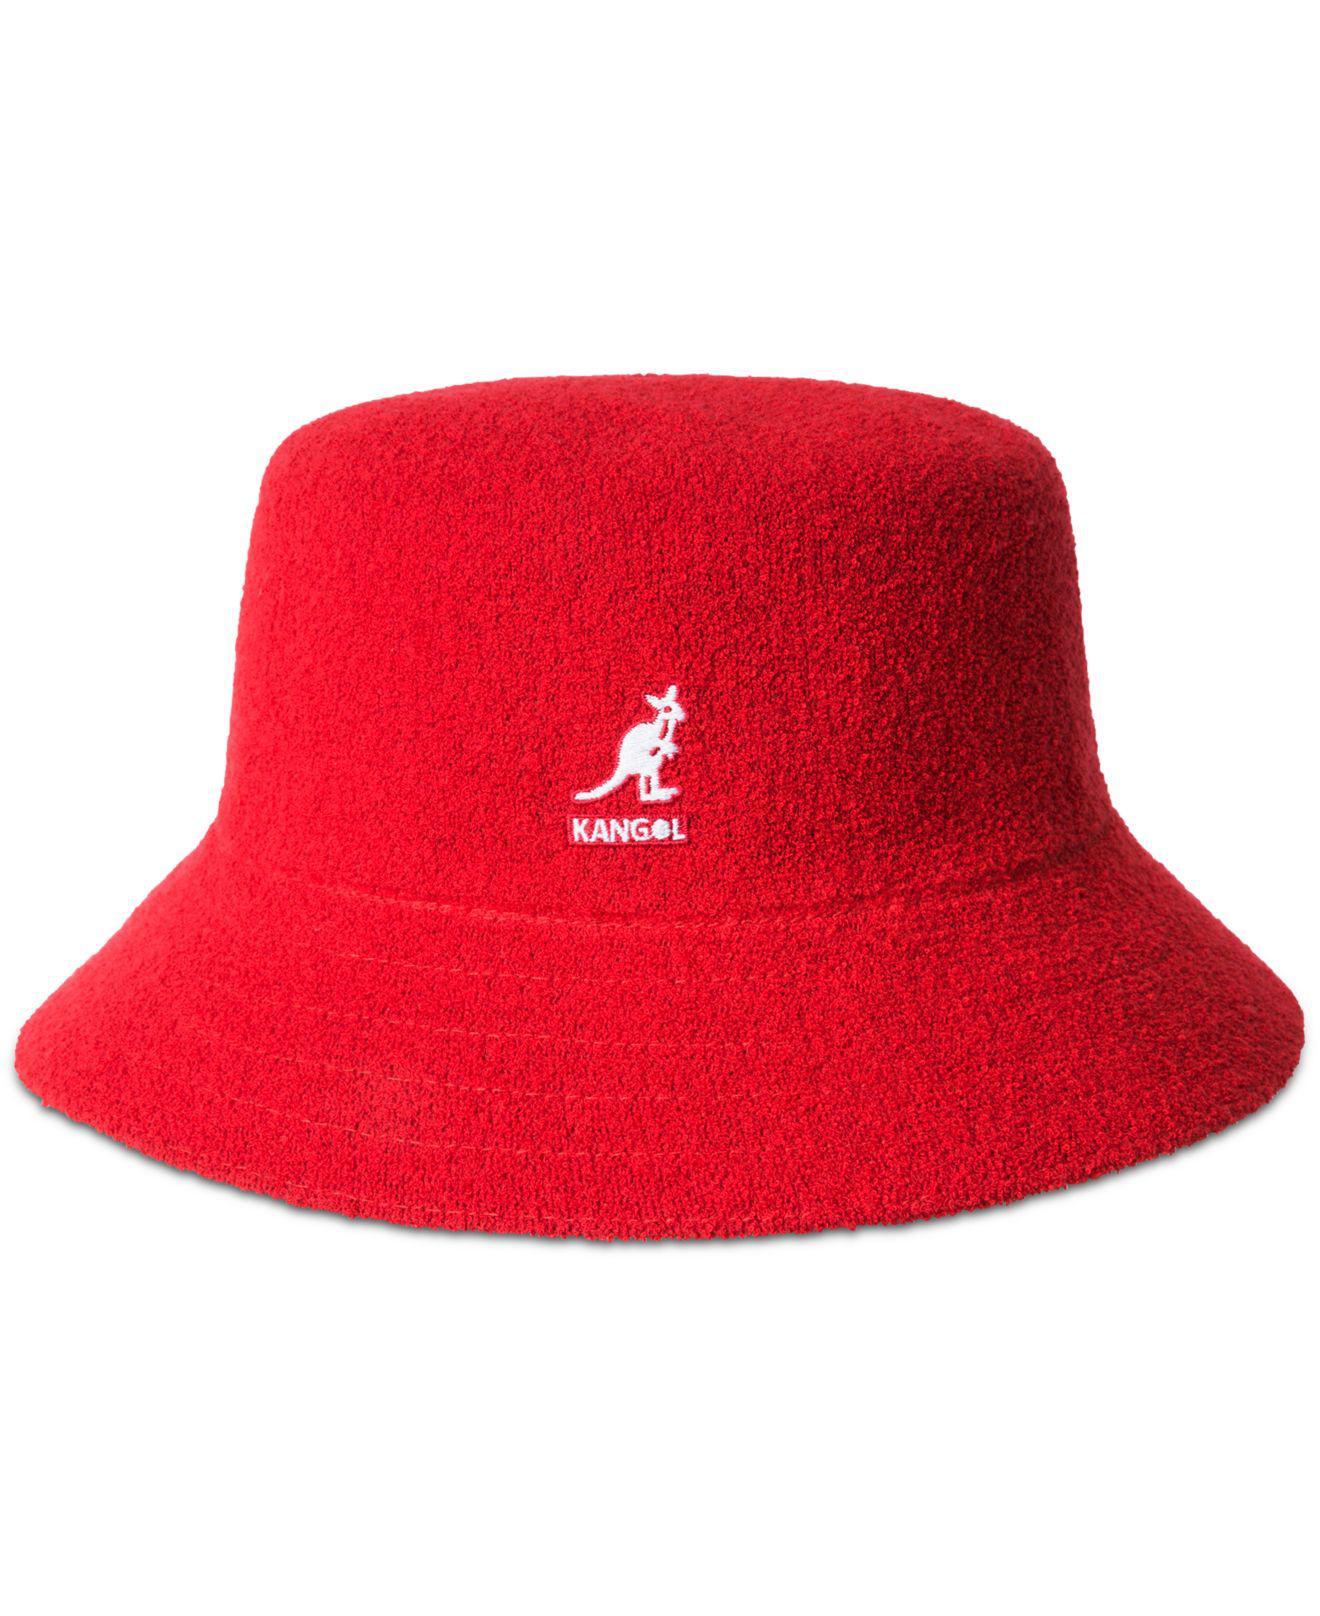 74b95fe680078 Kangol Bermuda Terry Bouclé Bucket Hat in Red for Men - Lyst